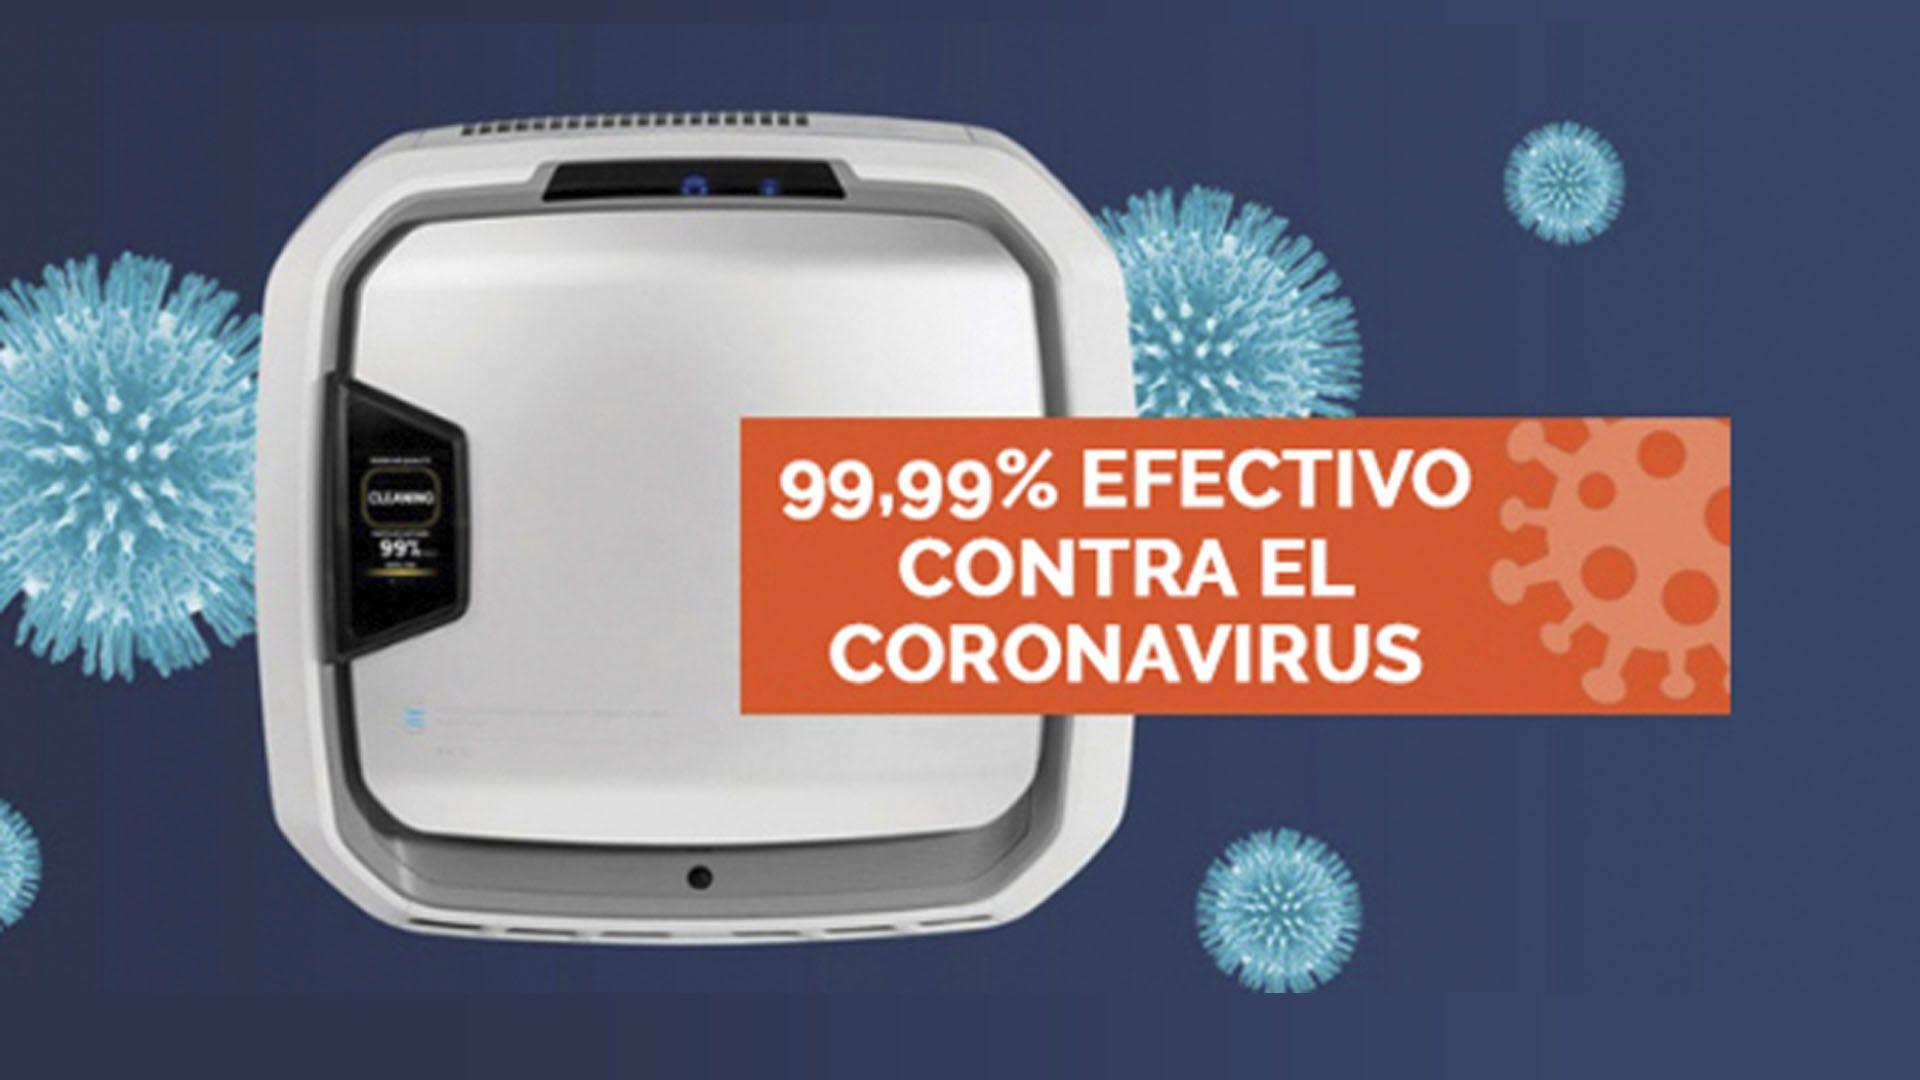 Los purificadores AeraMax Pro son 99.99% efectivos contra el Coronavirus